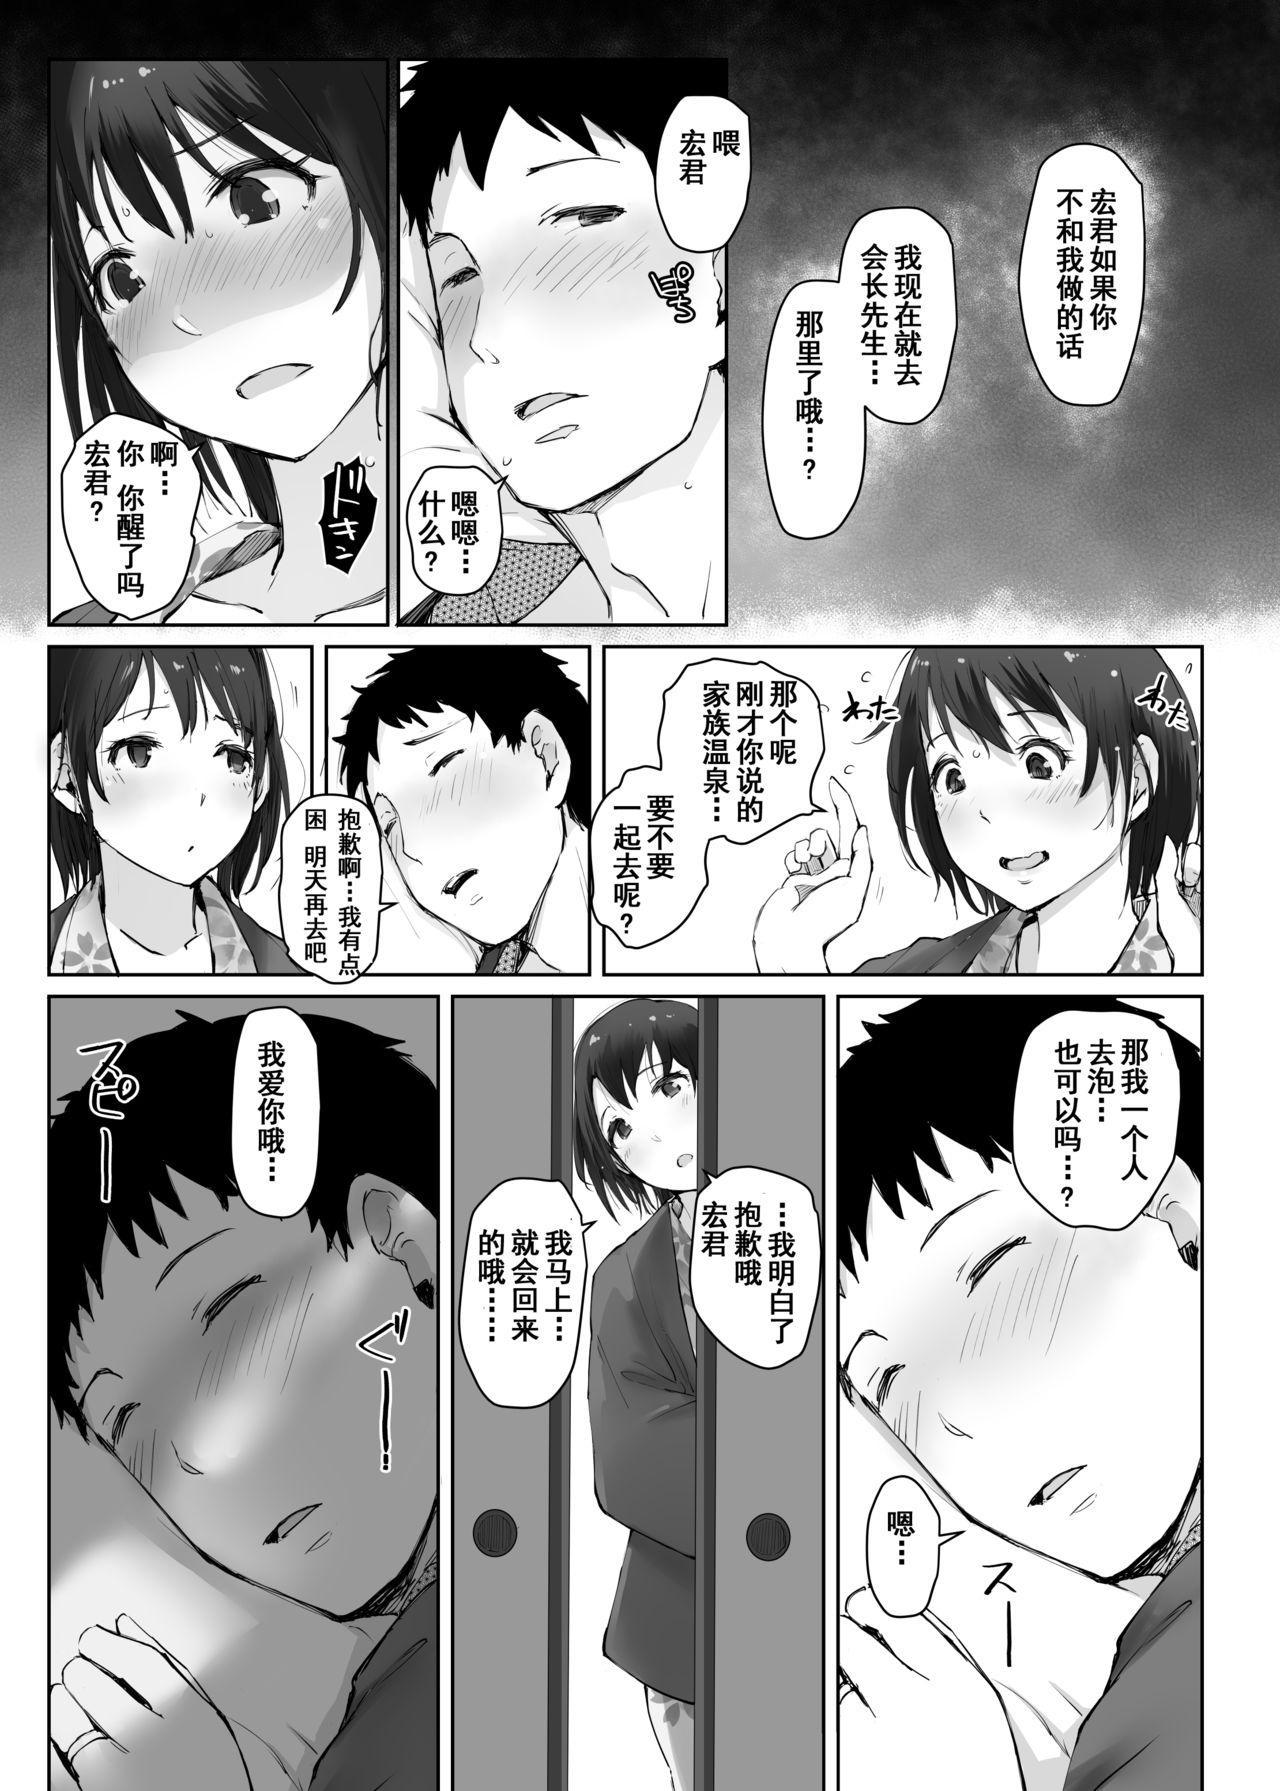 Hitozuma to NTR Chounai Ryokou 17